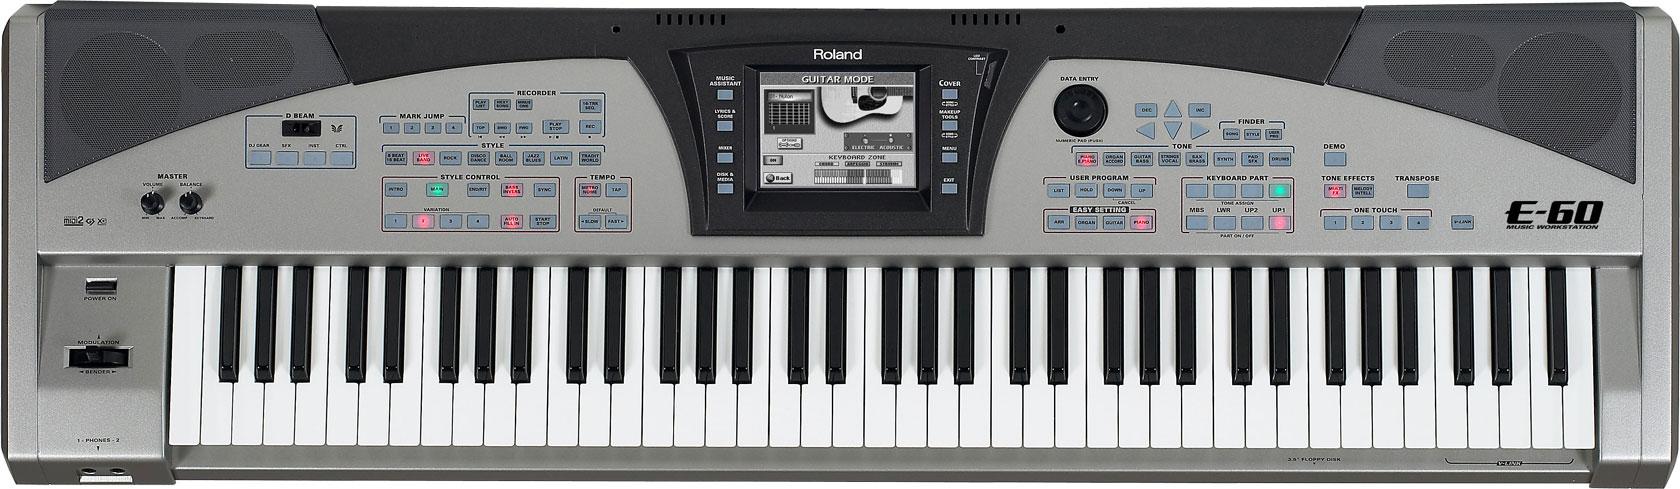 Roland - E-60 | Music Workstation